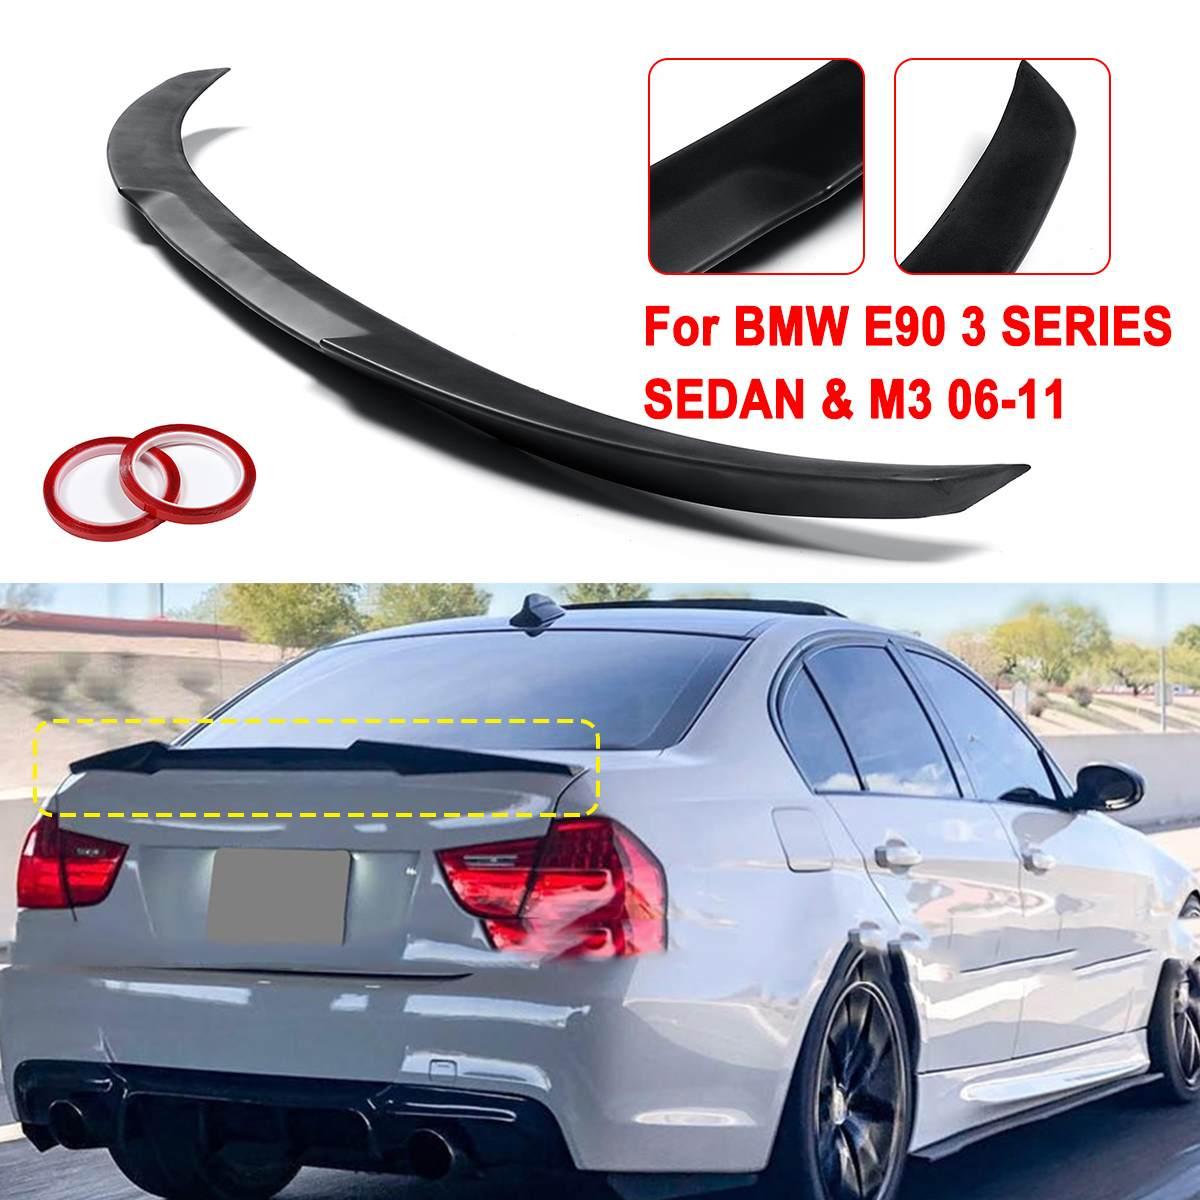 Mat/parlak siyah/karbon fiber stil ABS bagaj spoiler kanat M4-STYLE için 2006-2011 BMW E90 3 serisi SEDAN ve M3 2008-2012